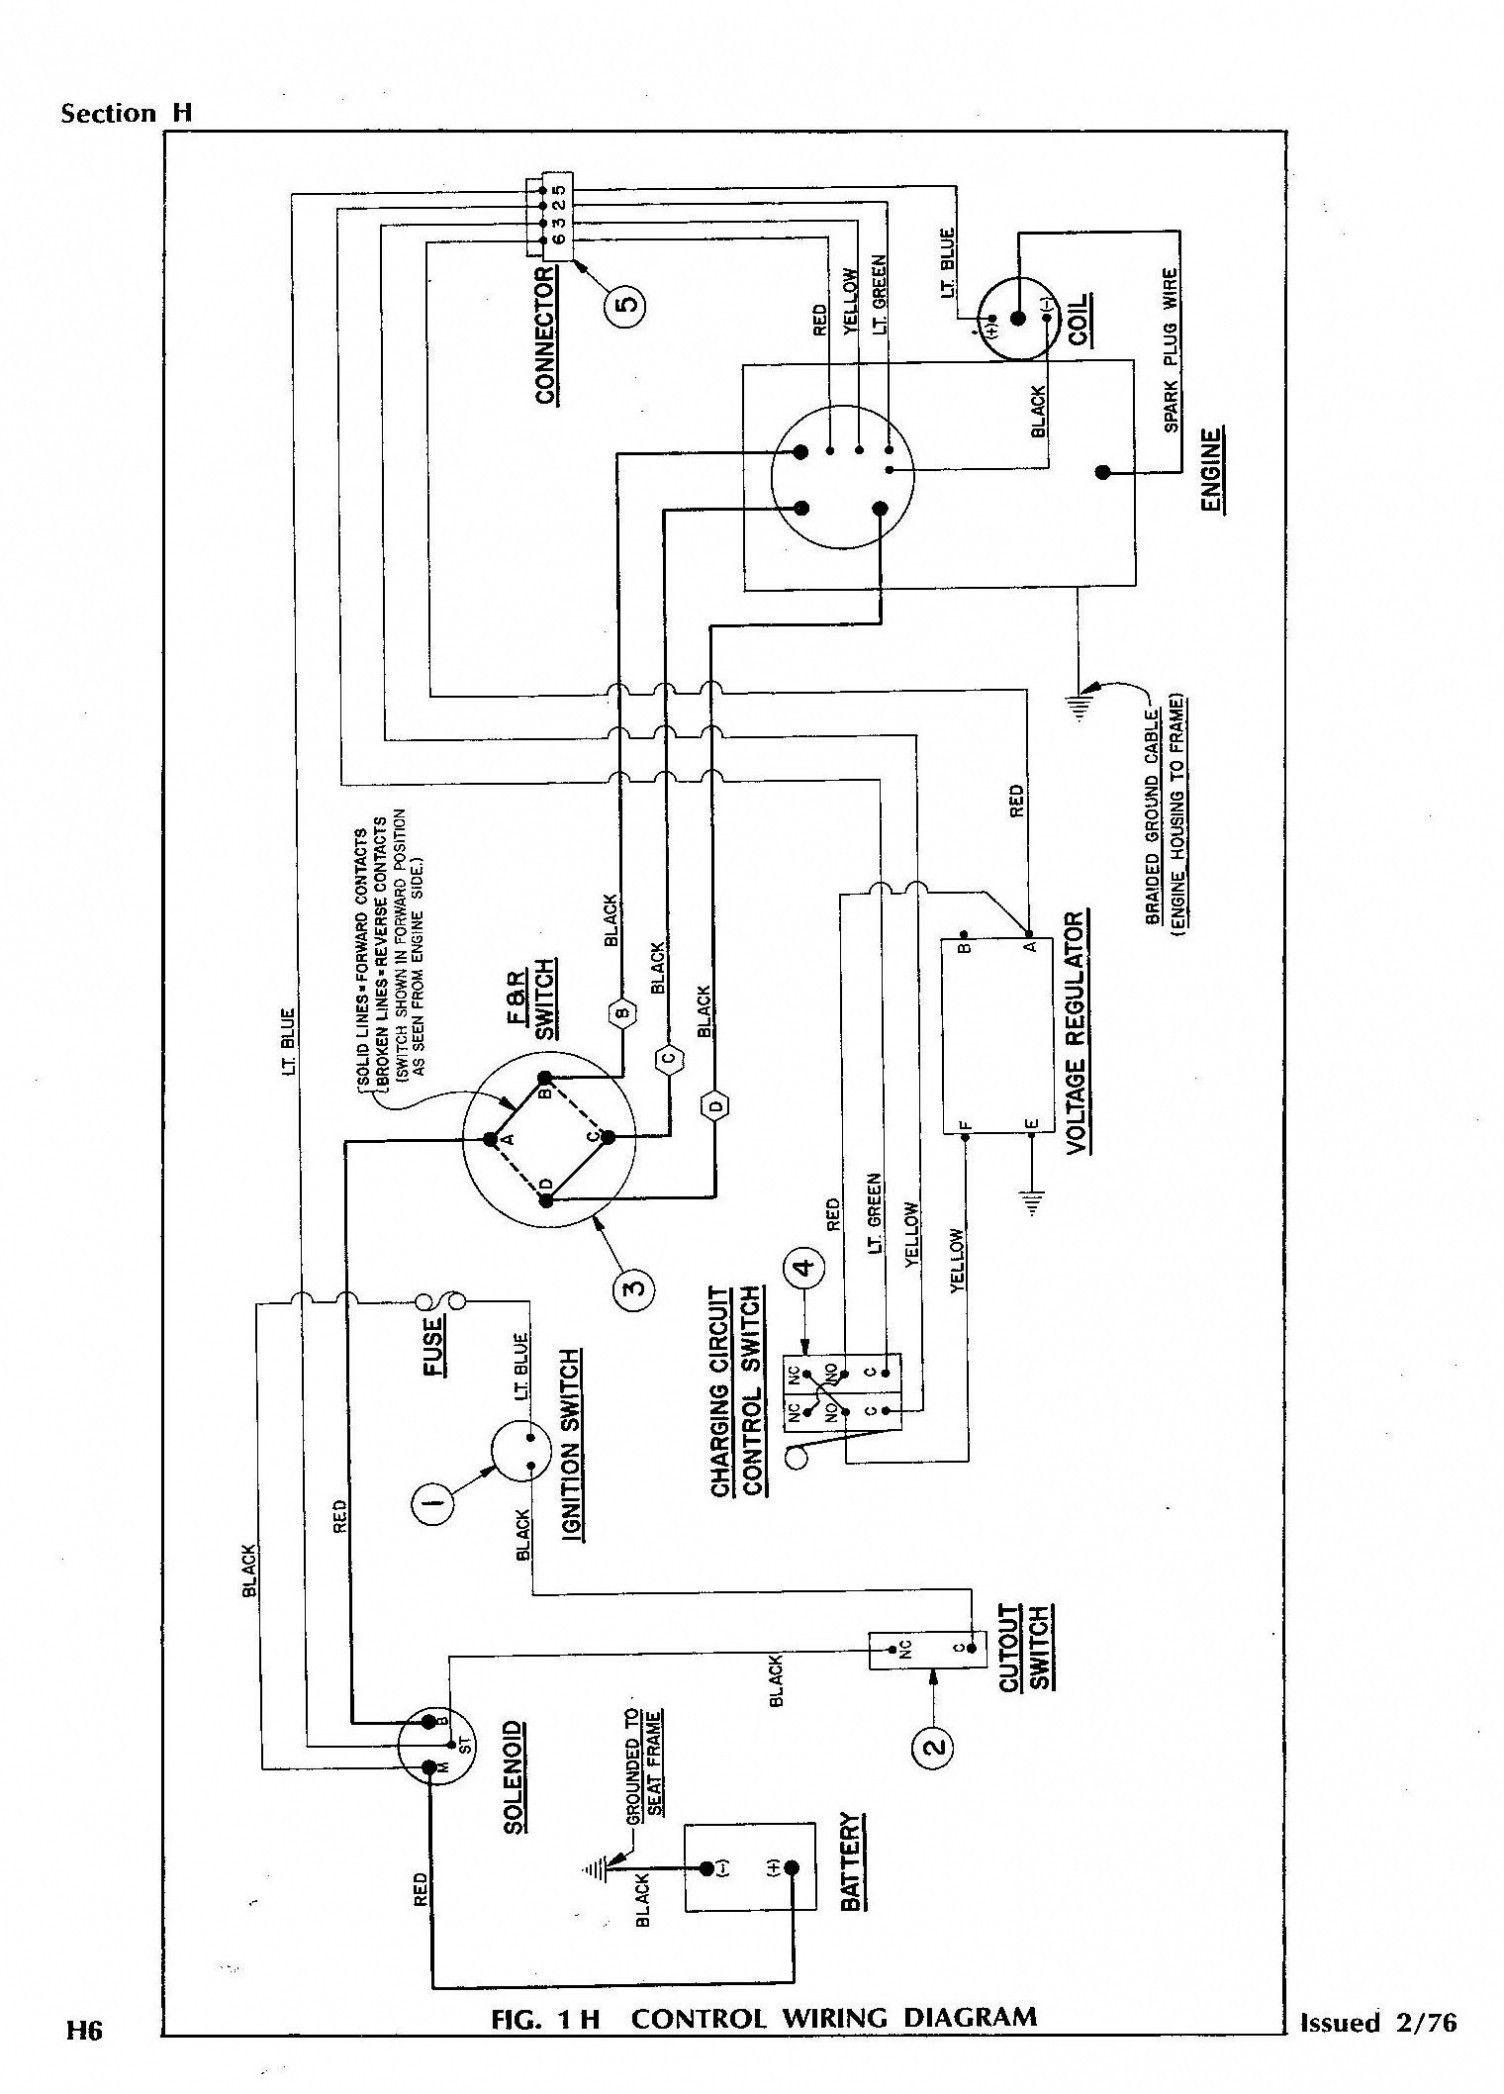 Pin On Wiring